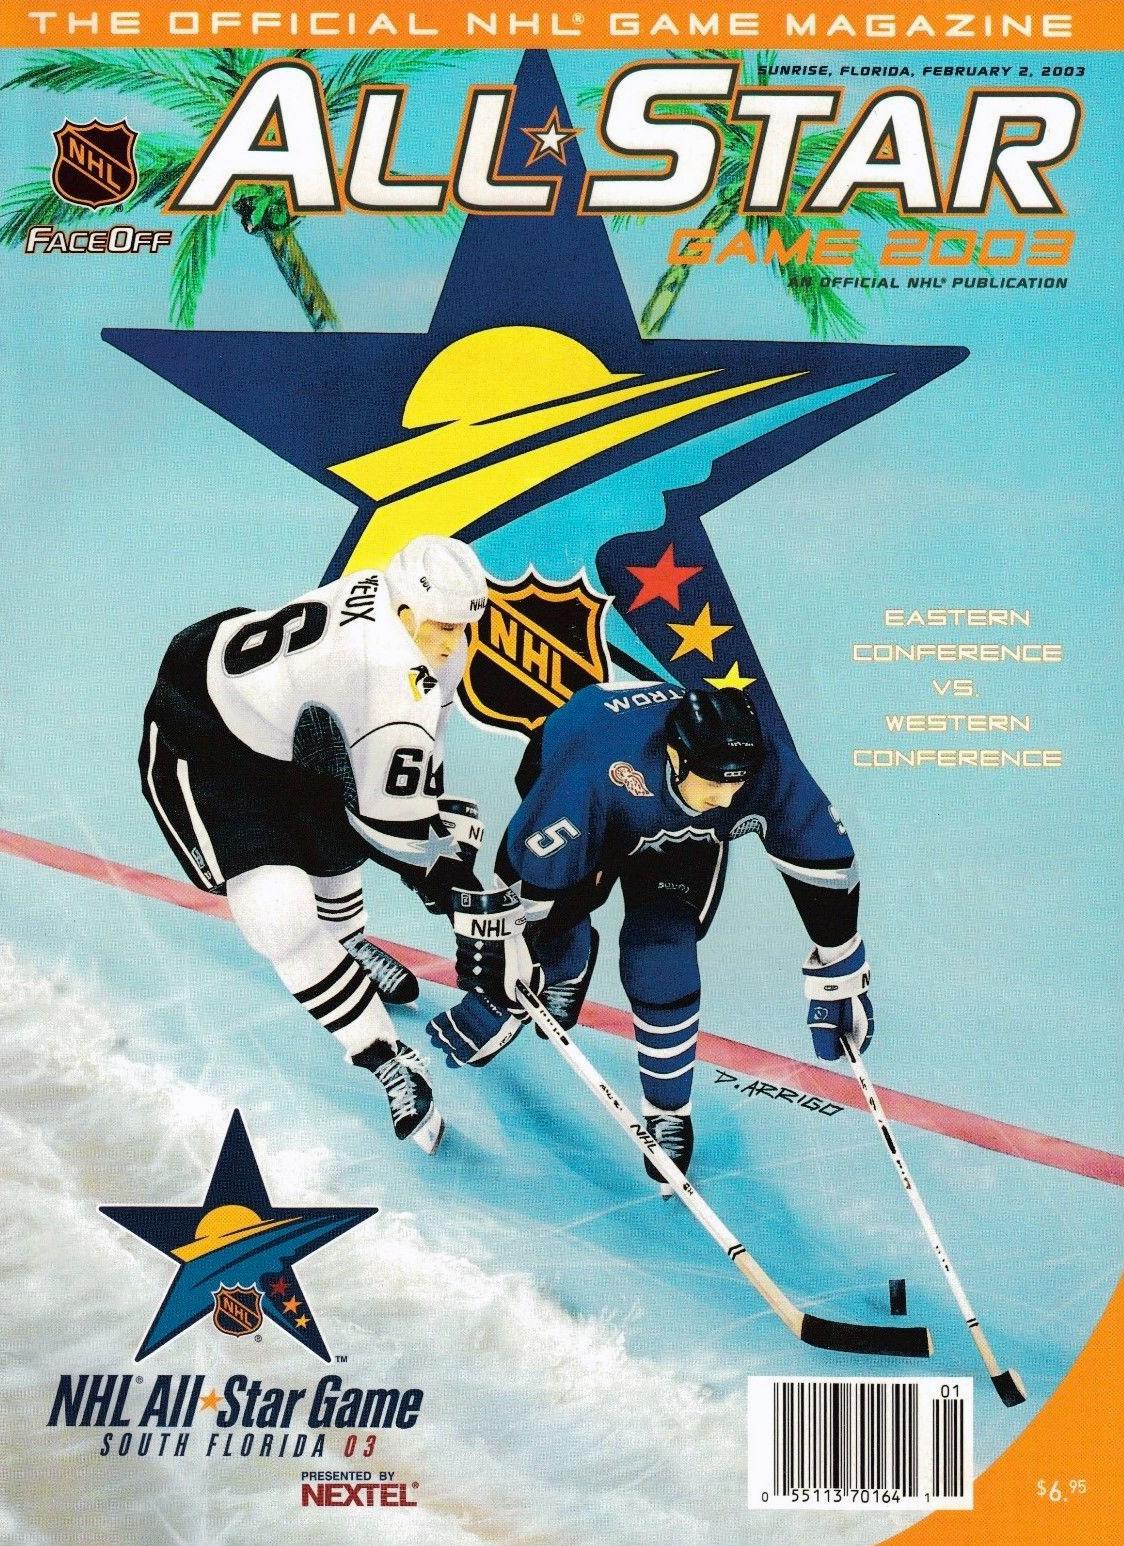 NHL All-Star Game Program Program (2002/03) - 2003 NHL All-Star Game program cover - game held in Sunrise, FL. Mario Lemieux and Nik Lidstrom on cover SportsLogos.Net